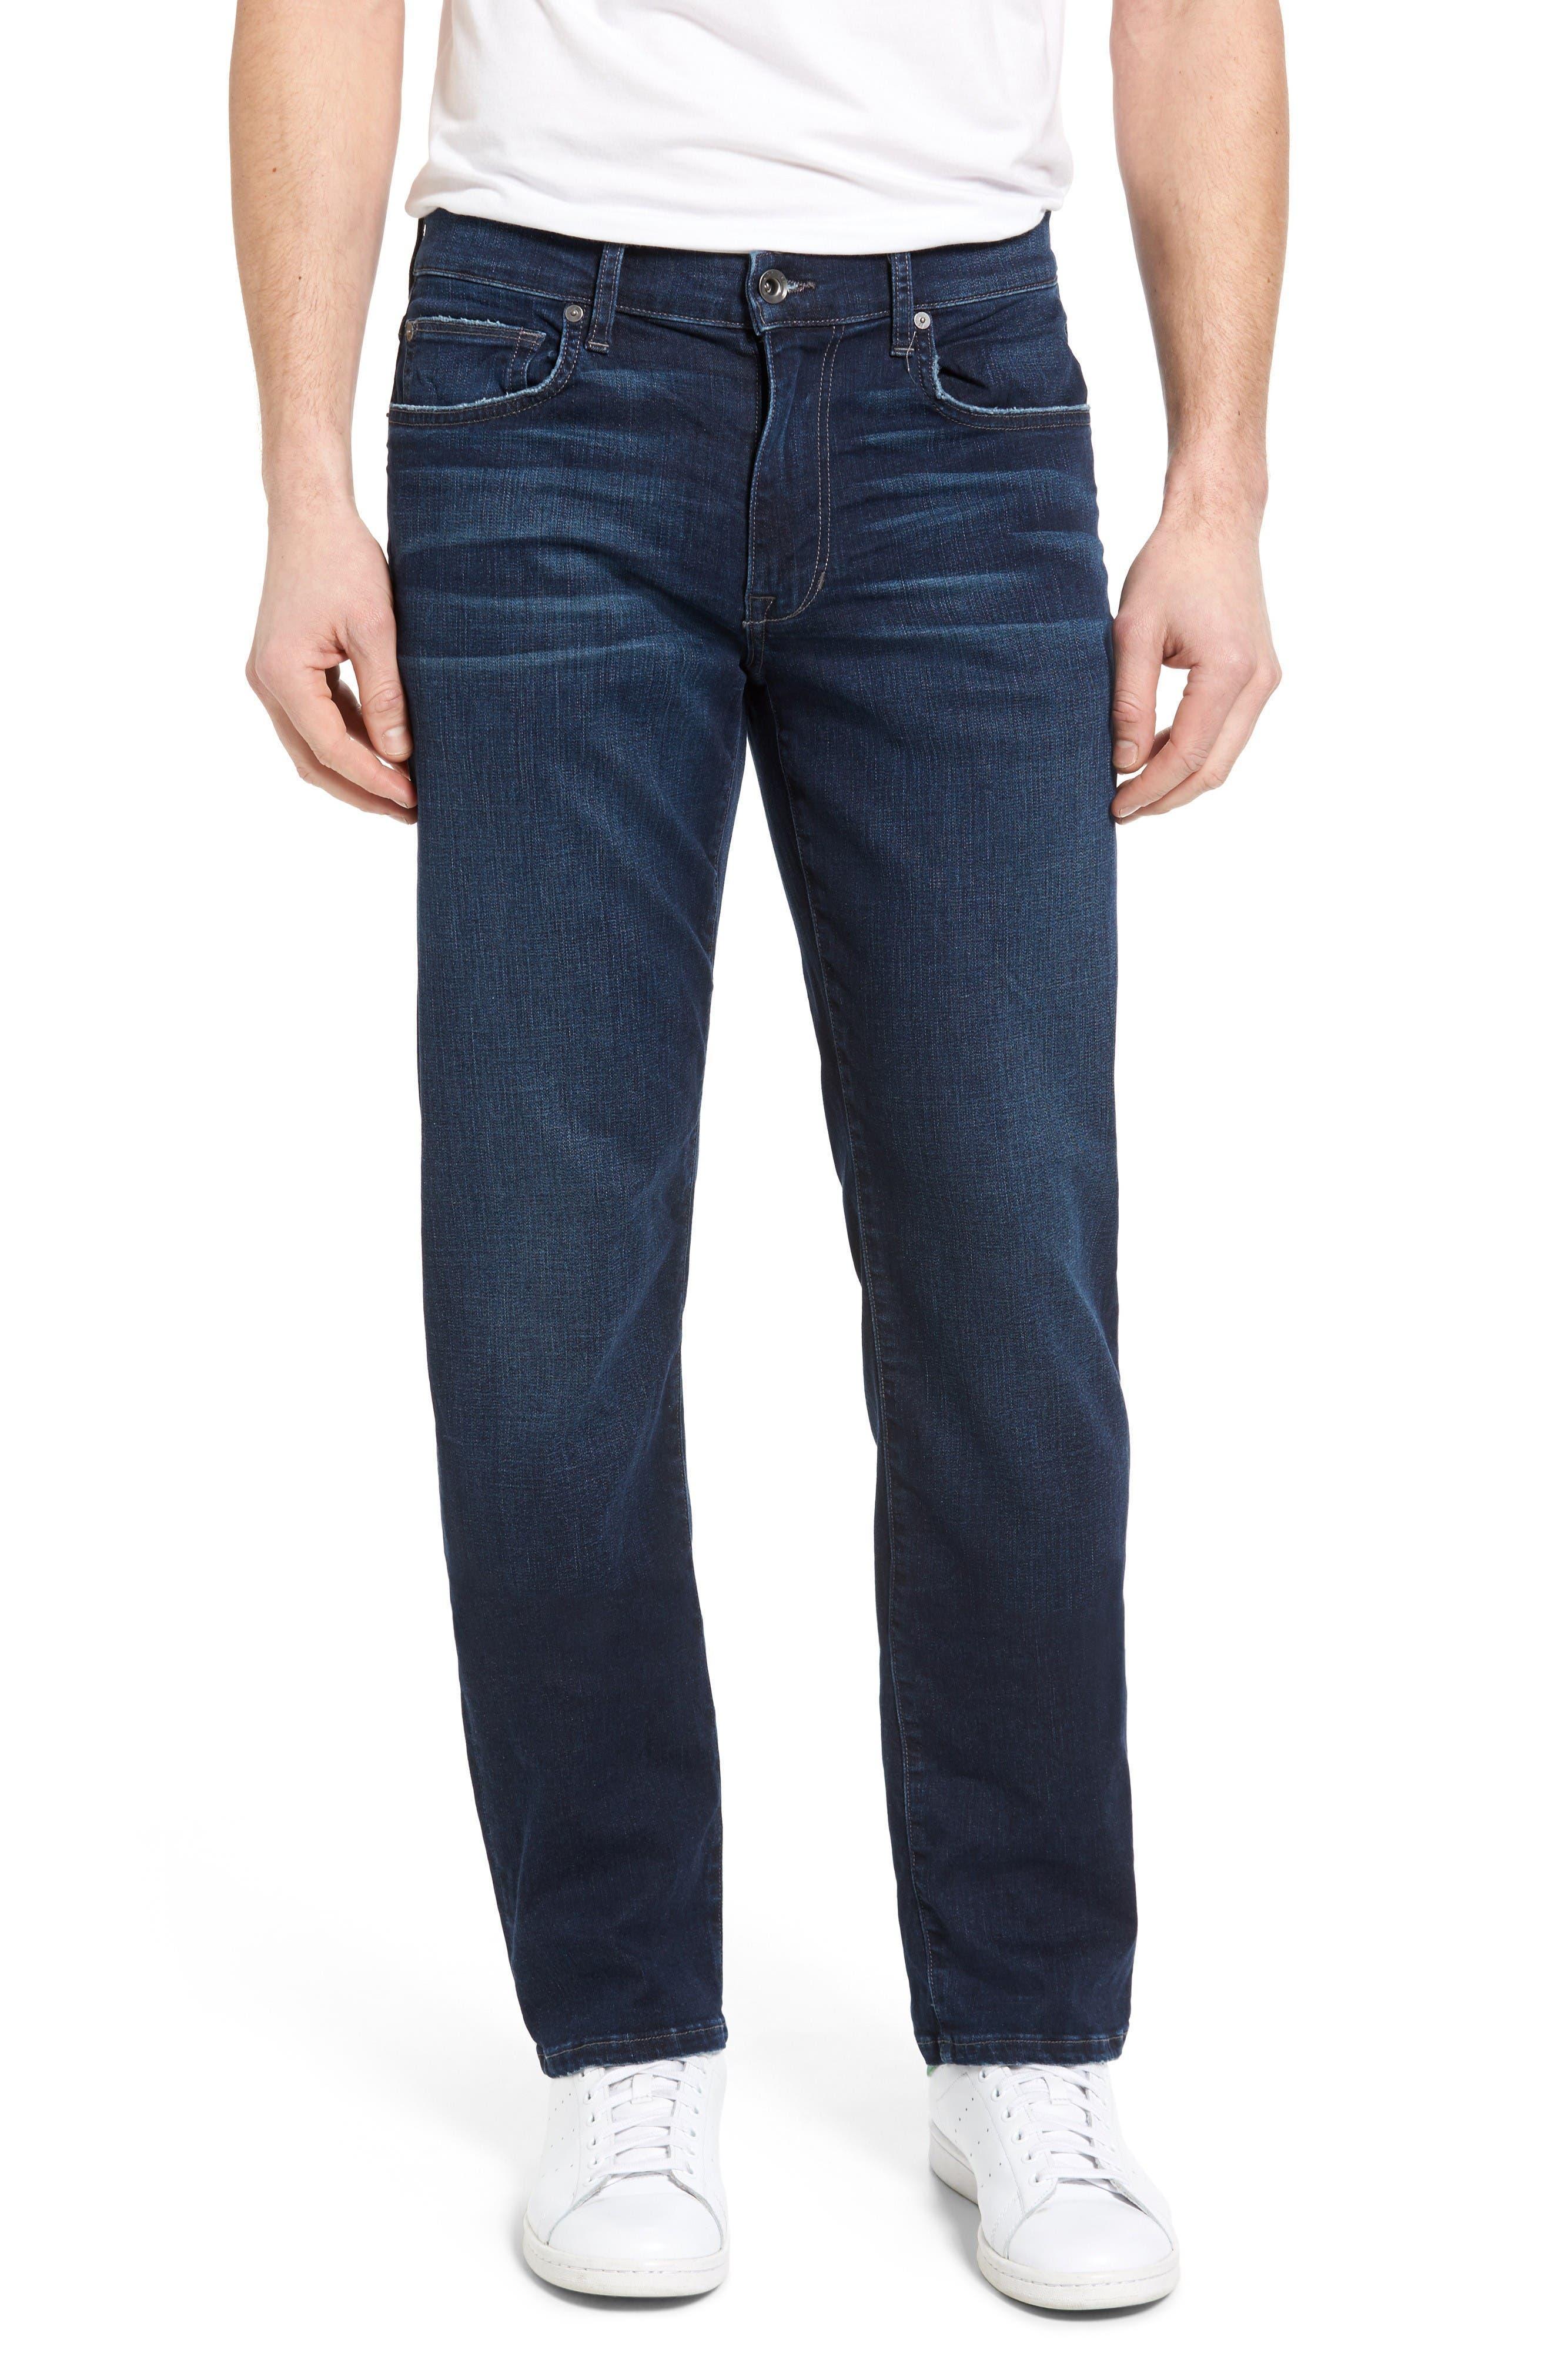 Main Image - Joe's Brixton Kinetic Slim Straight Leg Jeans (Aedan)